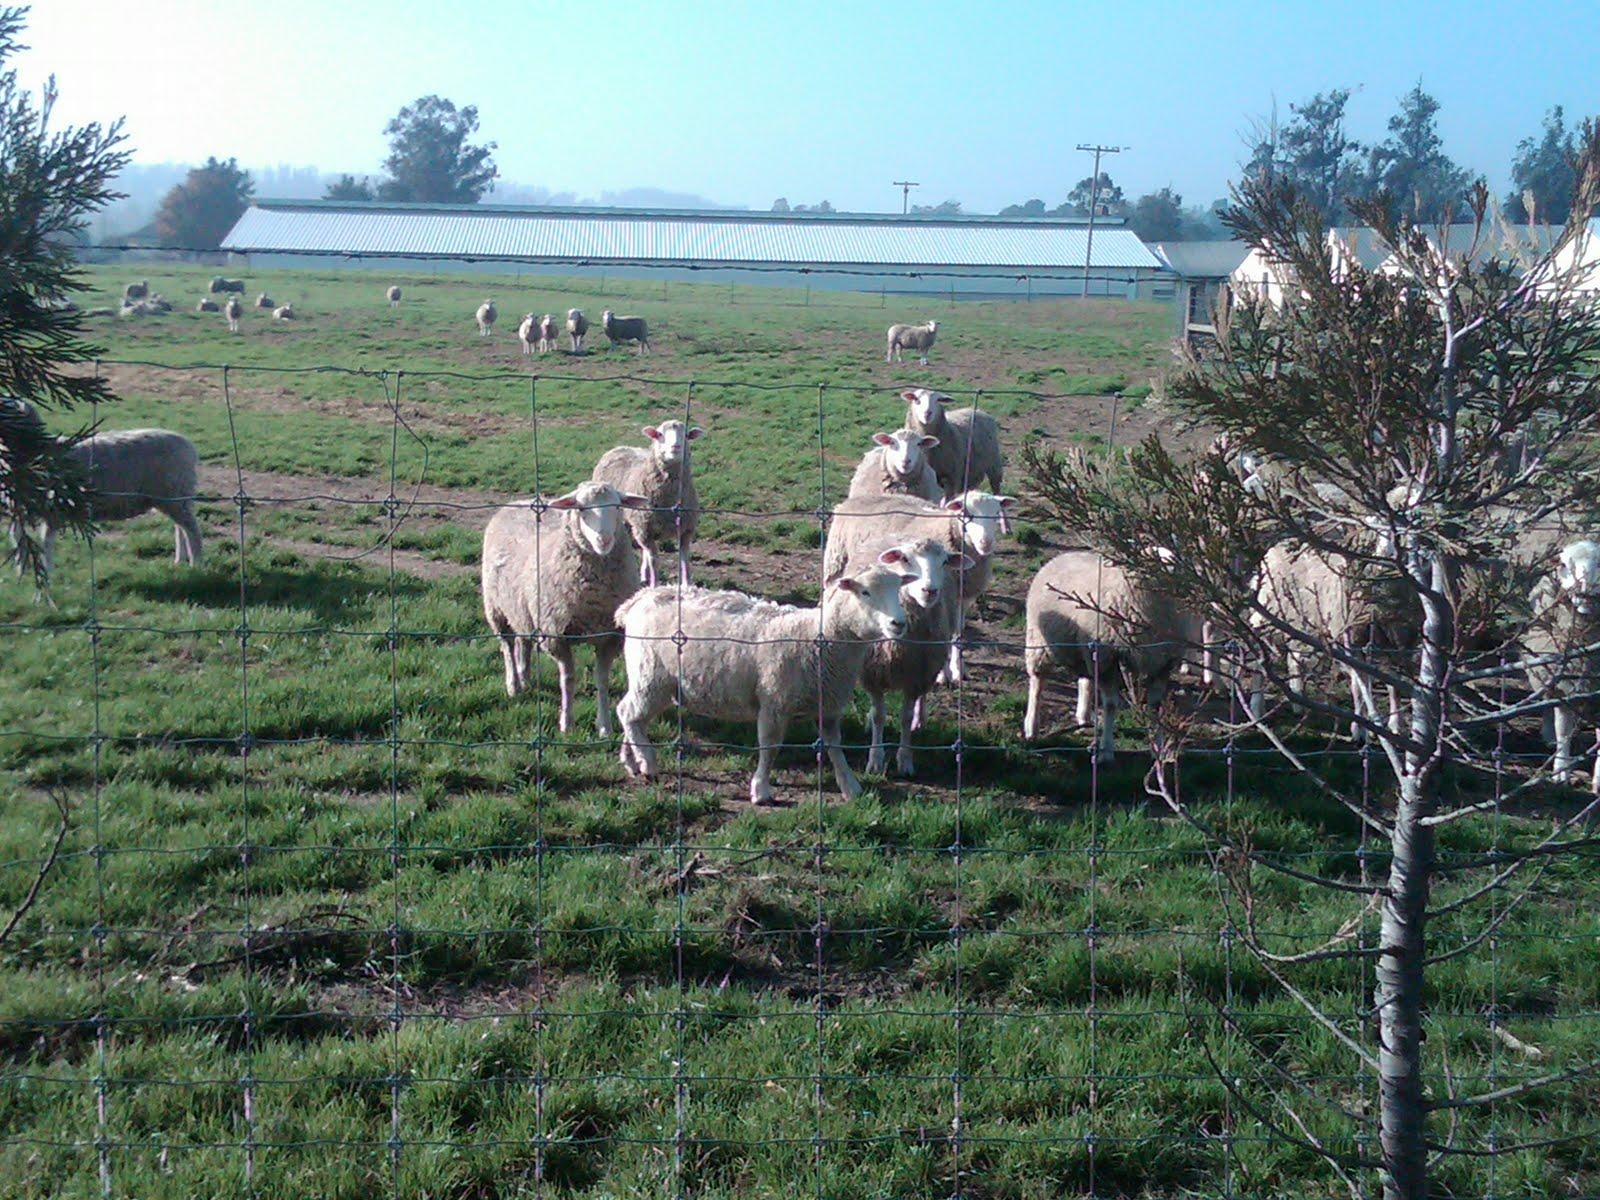 [sheepy+looking+2.jpg]